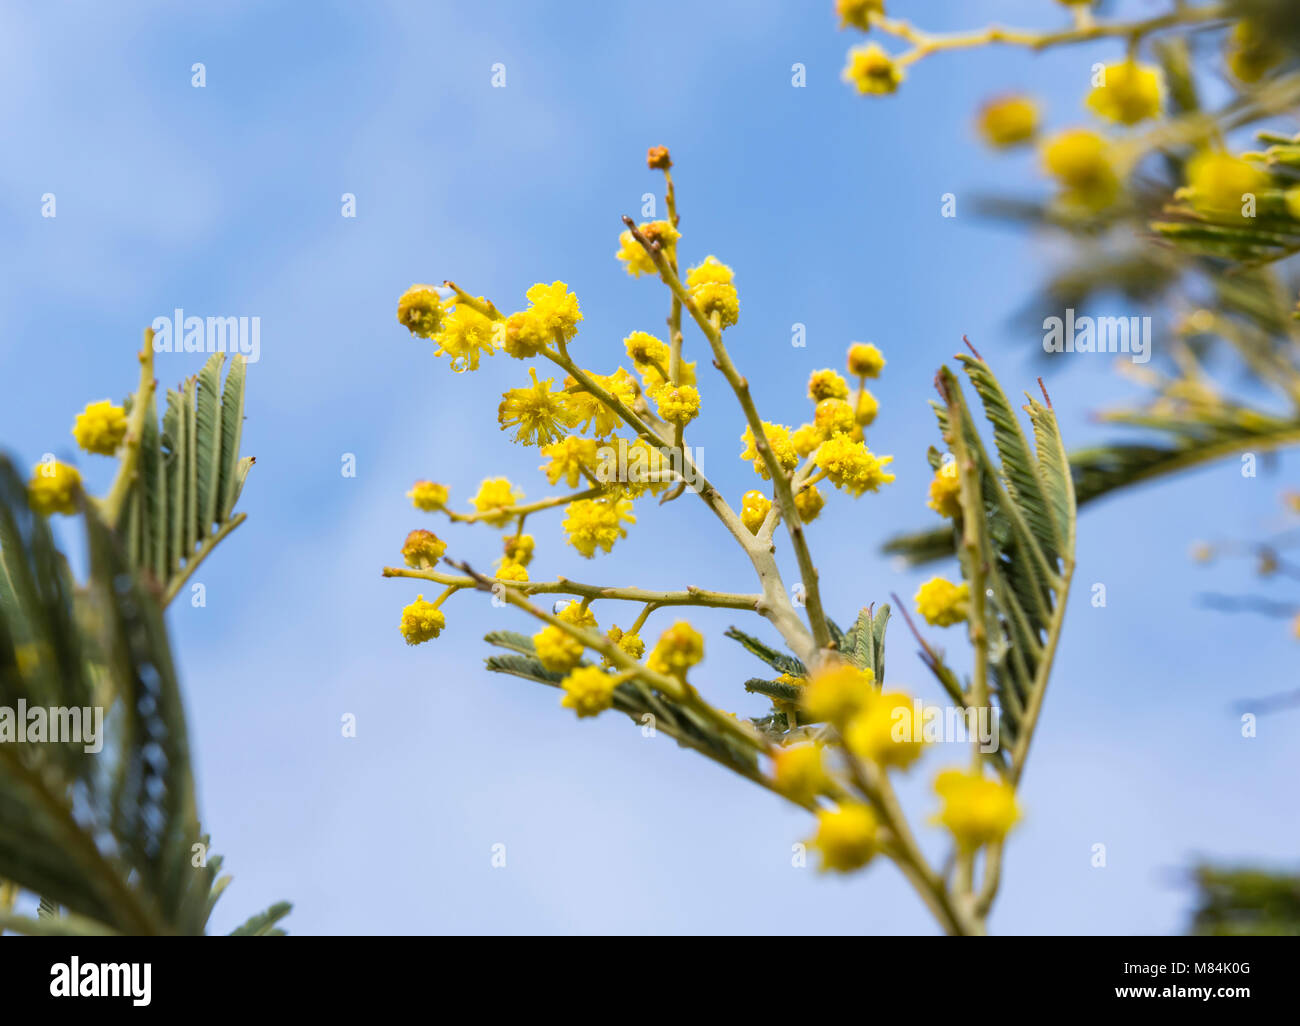 Giallo Mimosa pianta (Acacia dealbata) in primavera nel Regno Unito. Immagini Stock